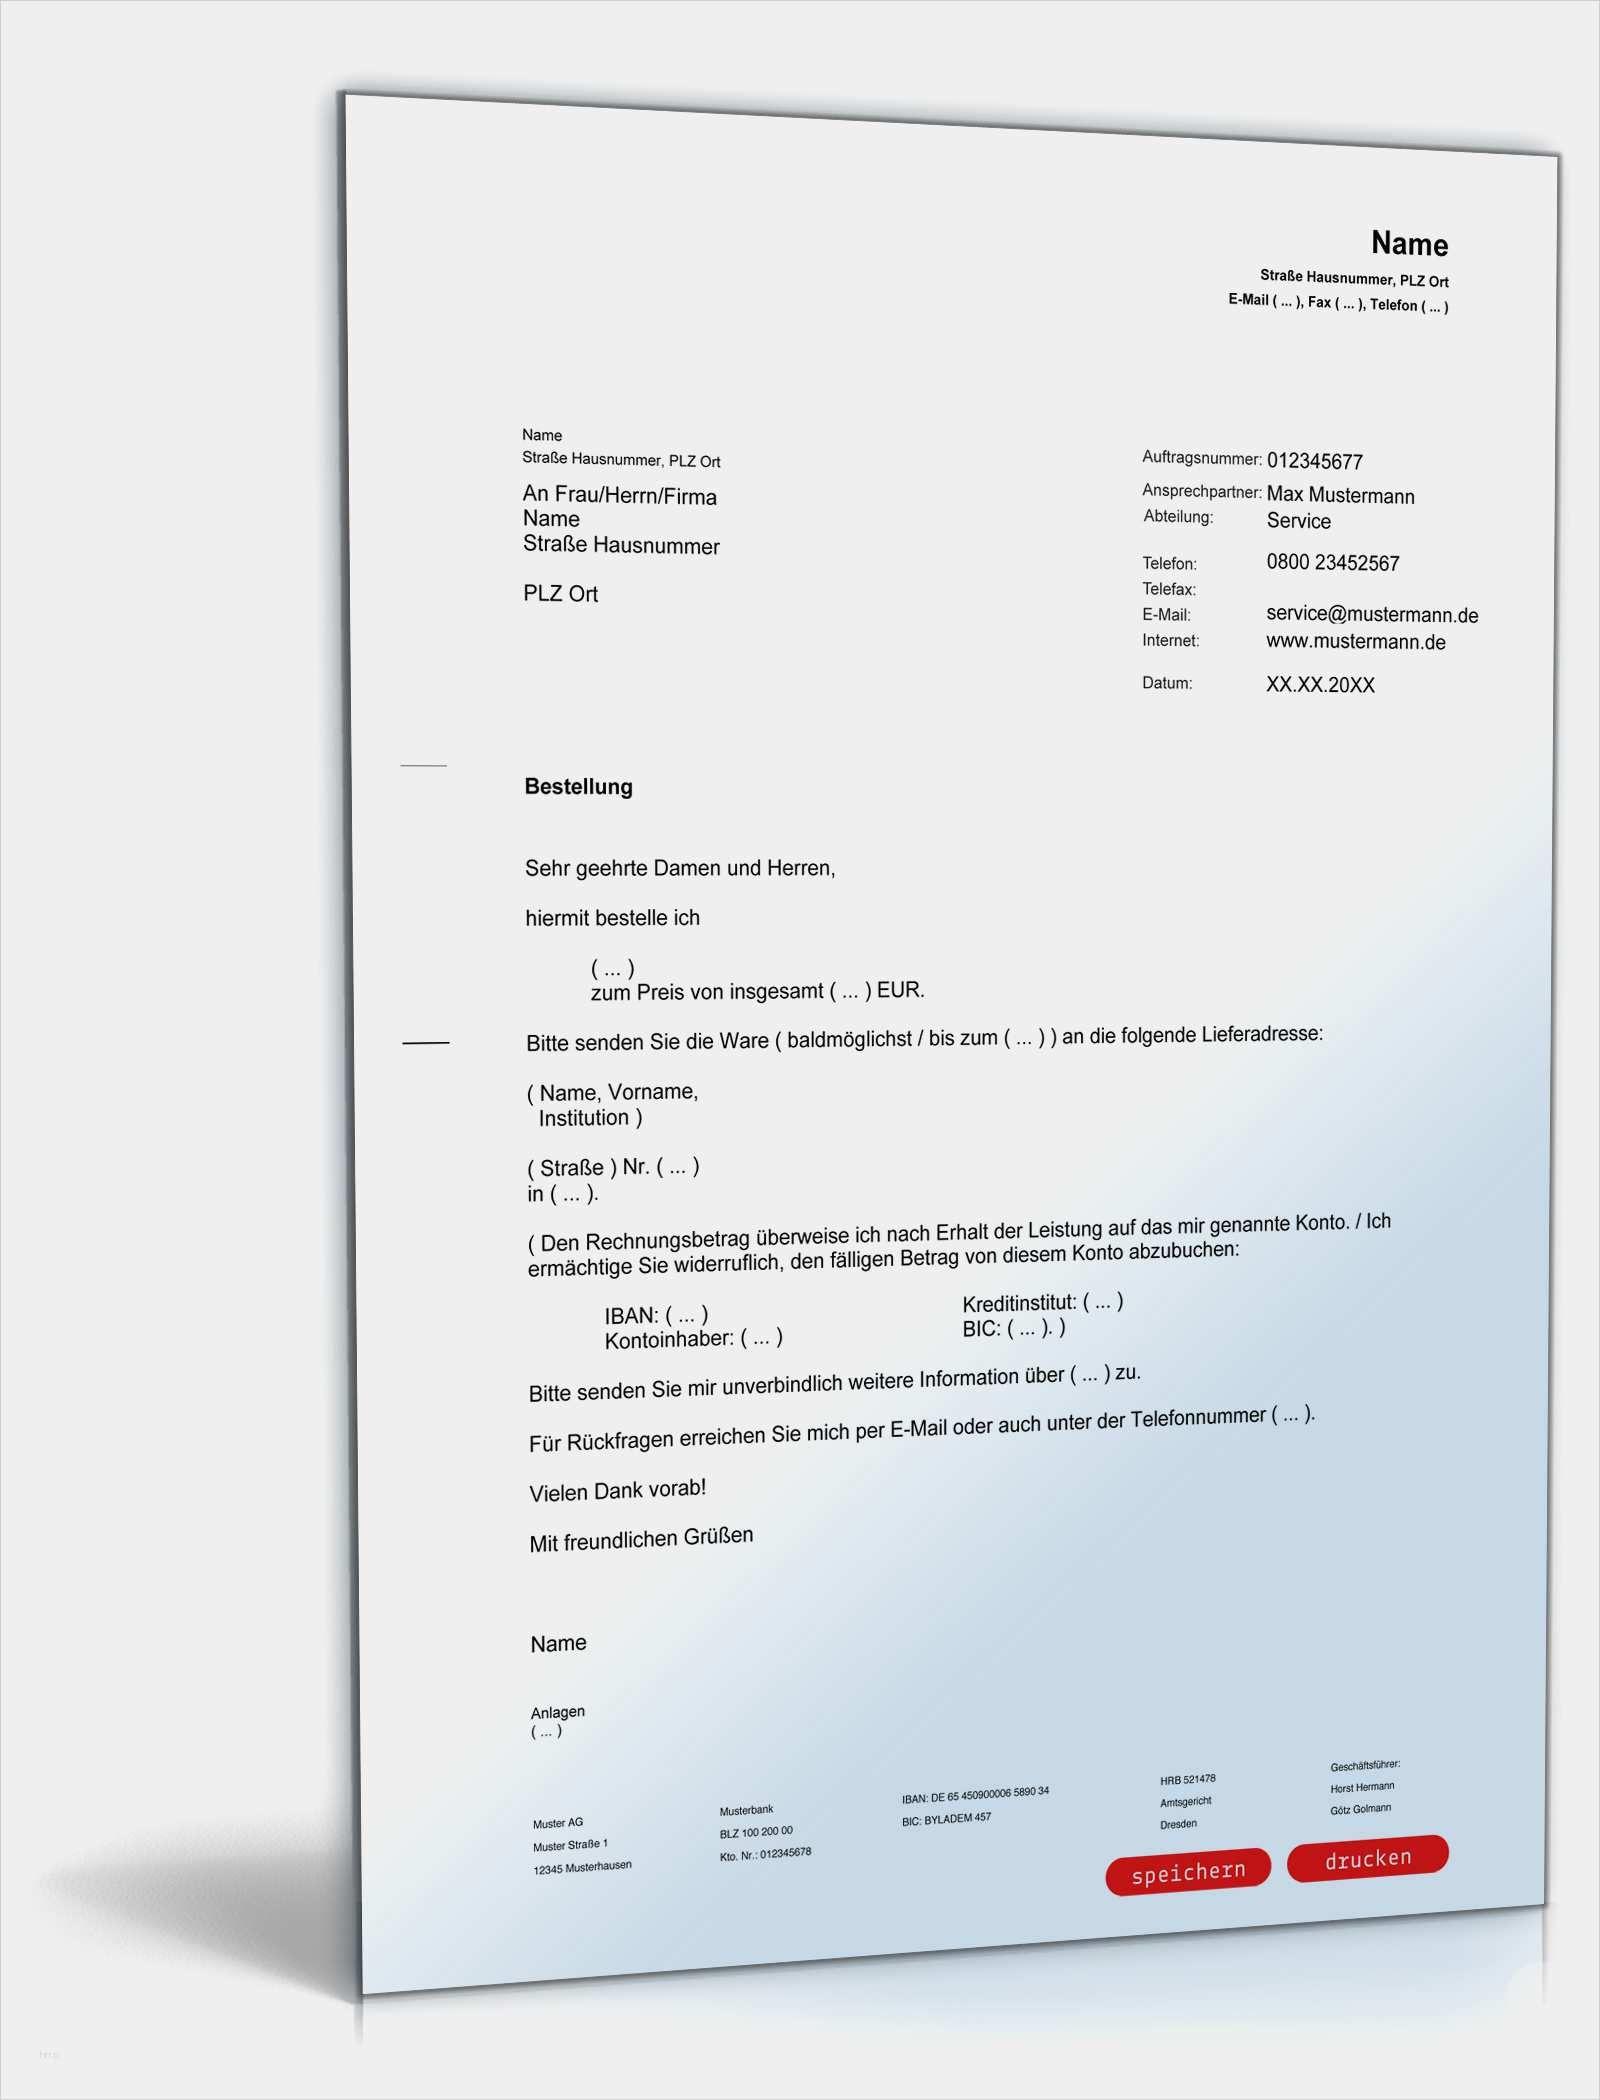 10 Suss Bestellung Hygienebeauftragter Vorlage Galerie In 2020 Vorlagen Geschenkgutschein Vorlage Indesign Vorlage